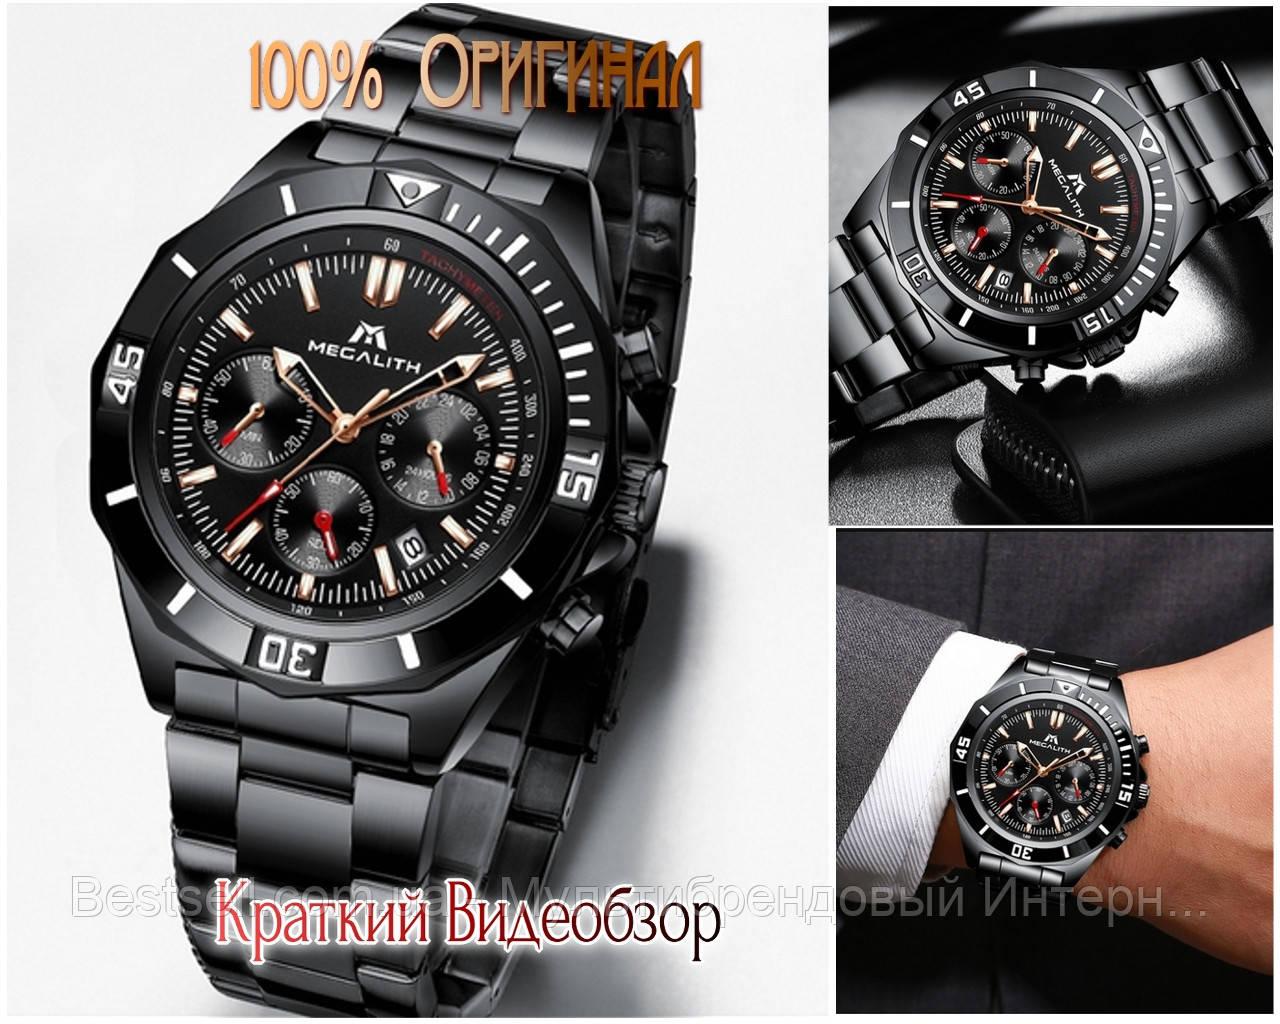 Часы оригинальные мужские наручные кварцевые Megalith 8206M All Black / часы оригинальные черные